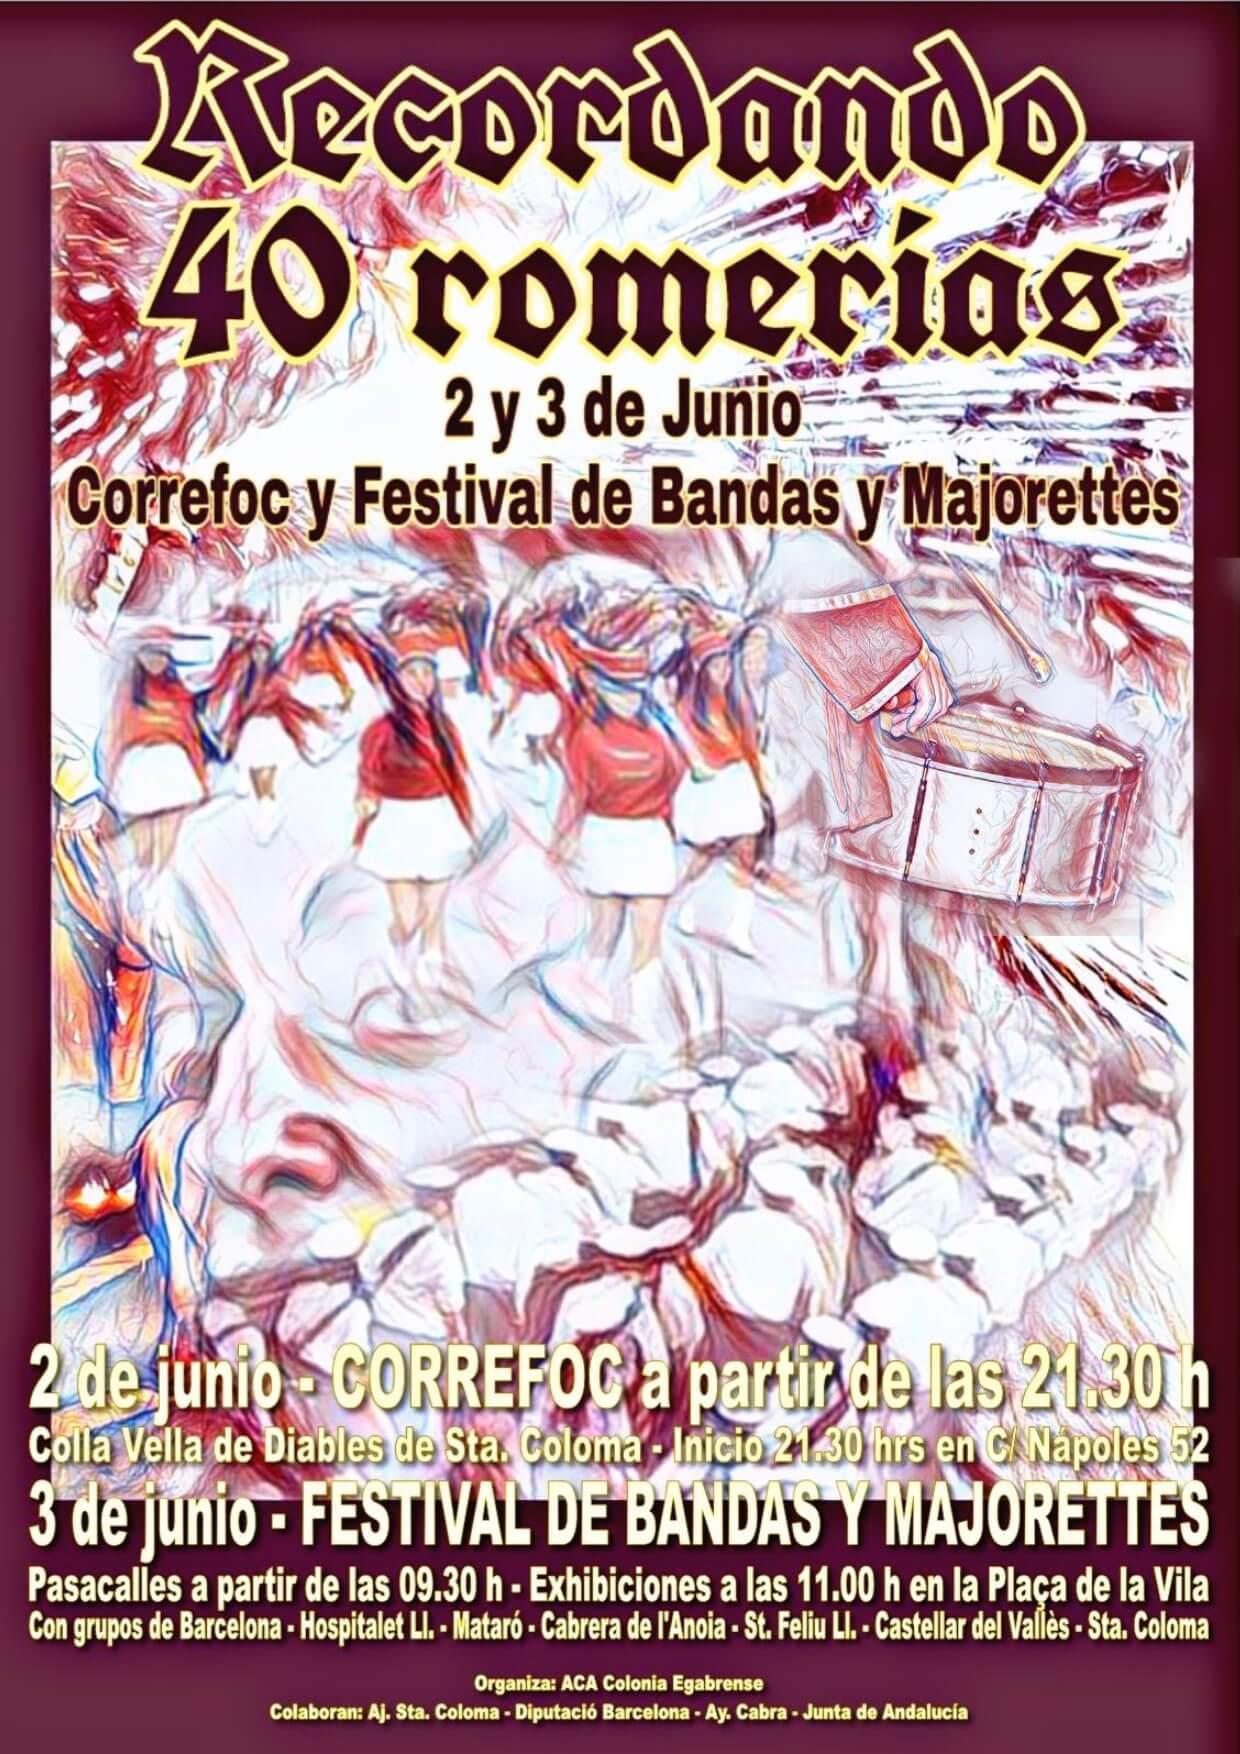 Cartel Recordando 40 Romerías (1)